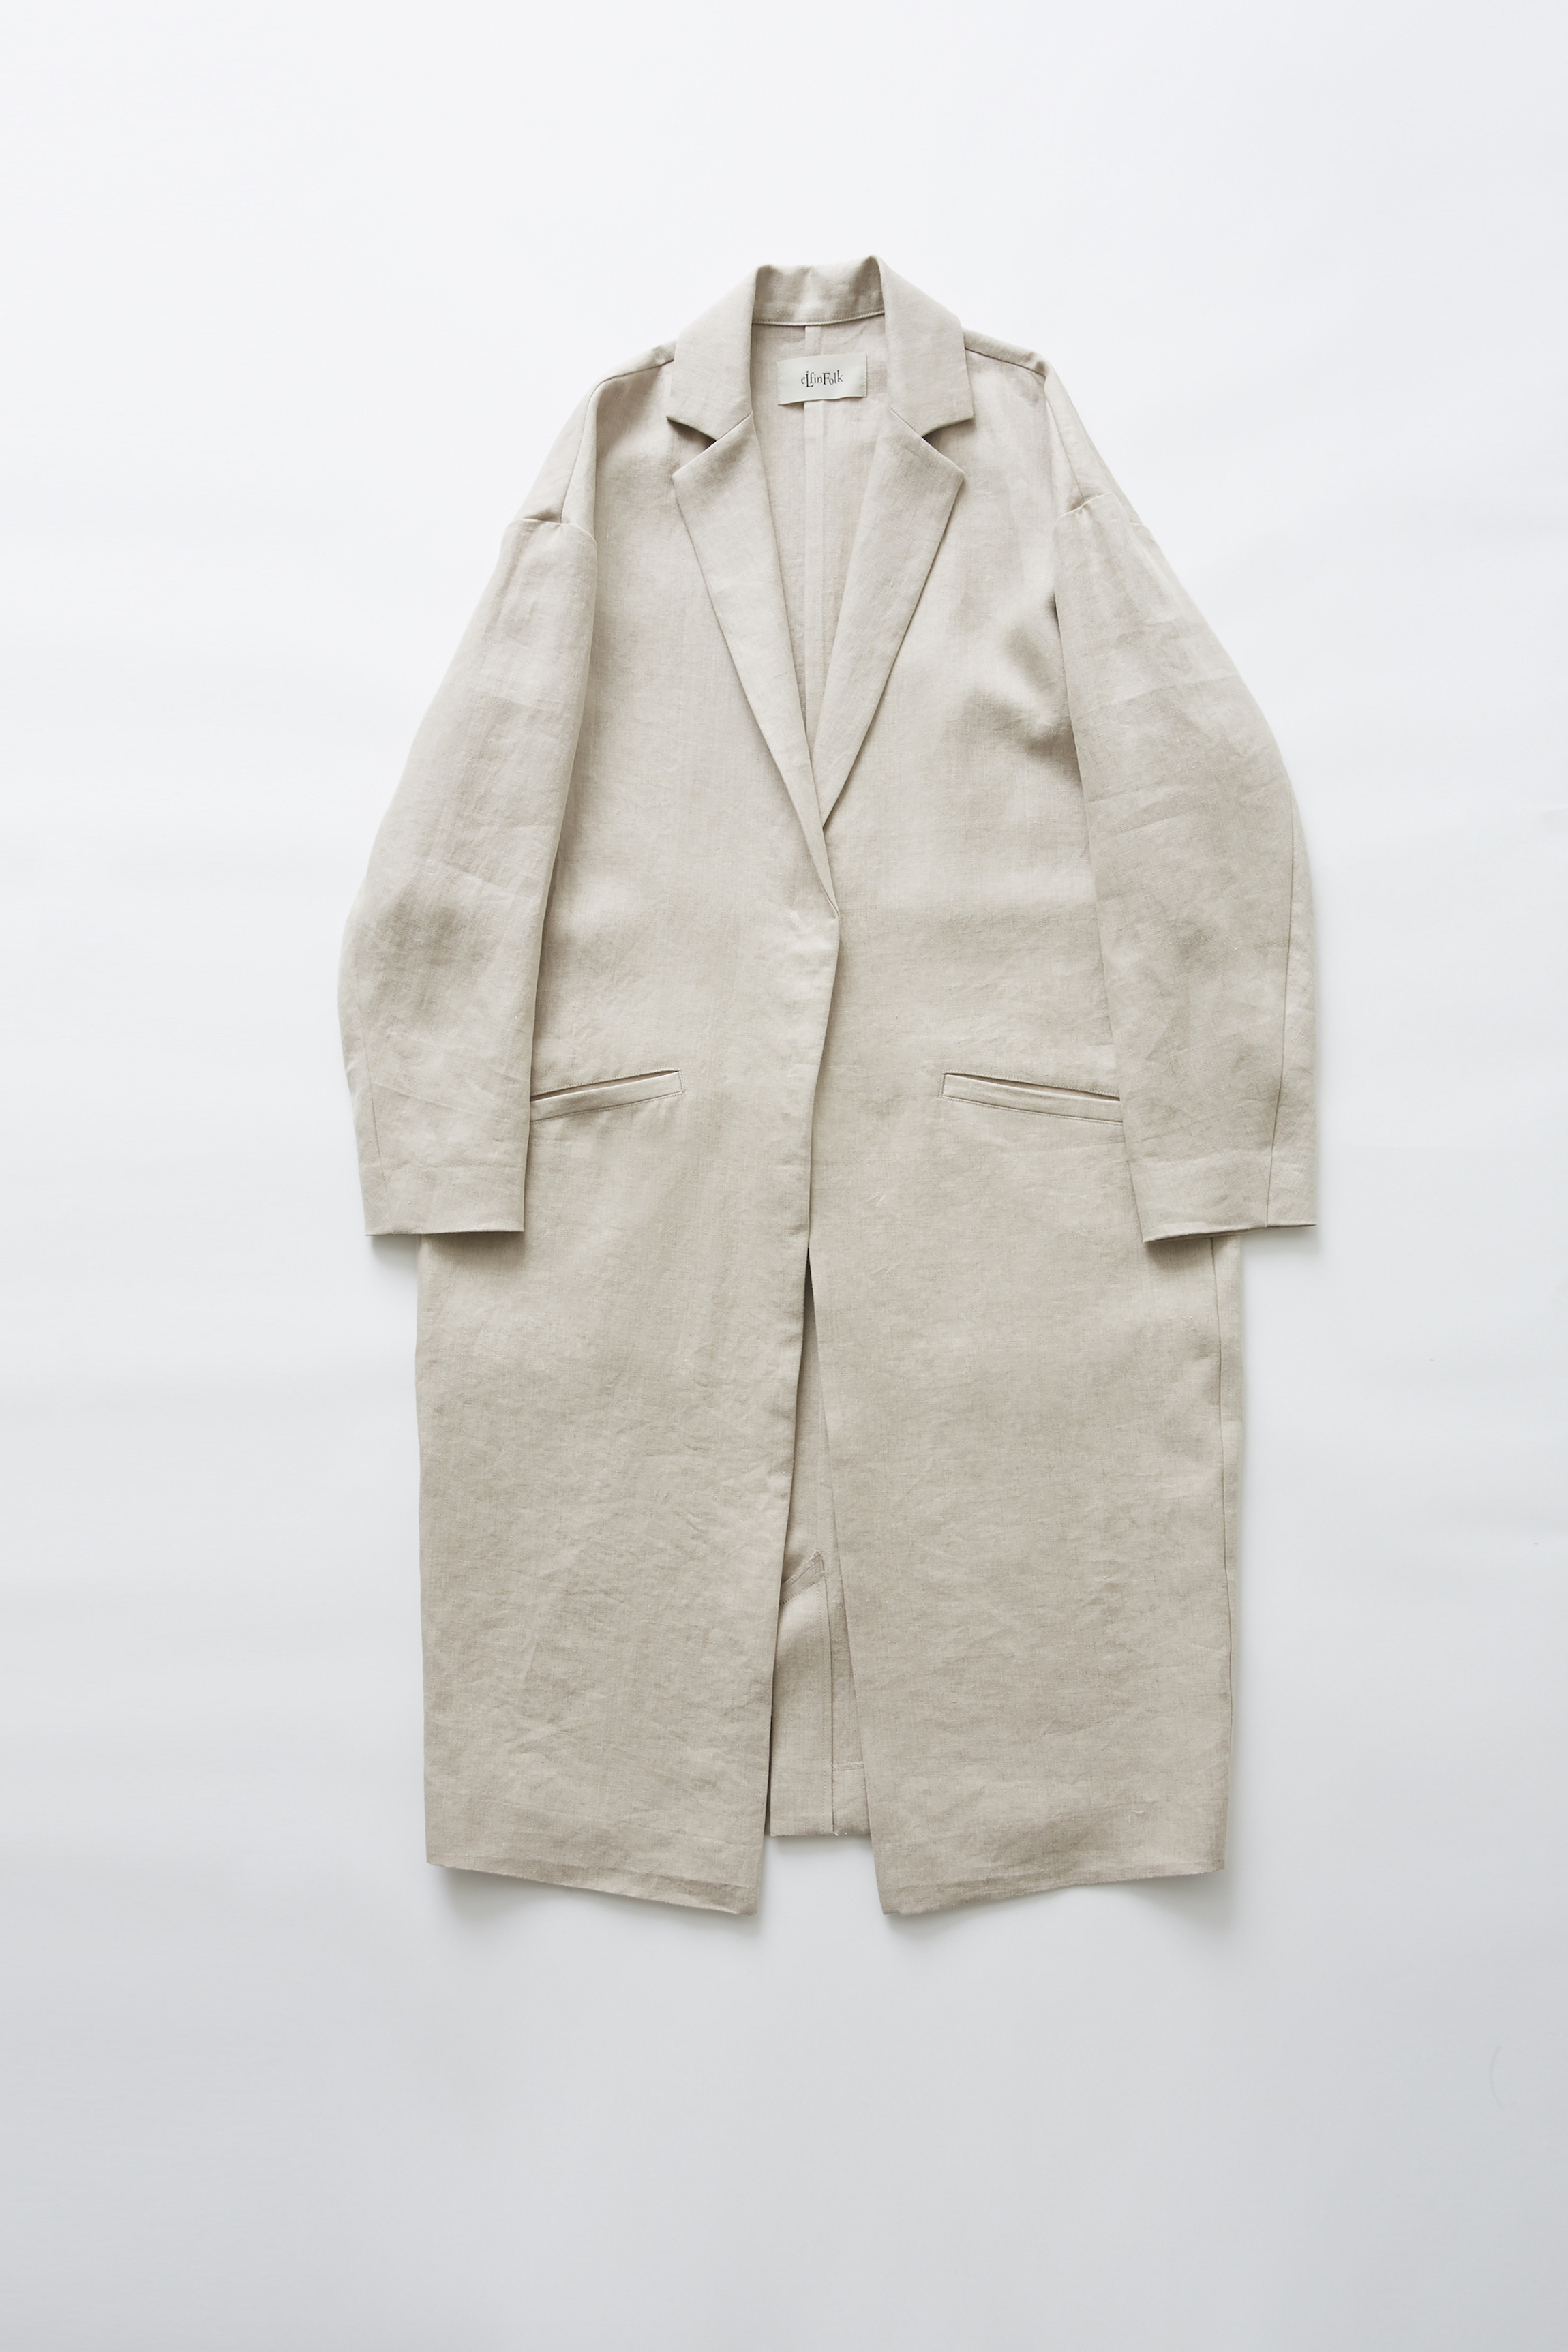 《eLfinFolk 2019SS》herringbone linen long coat / off white / F(大人)